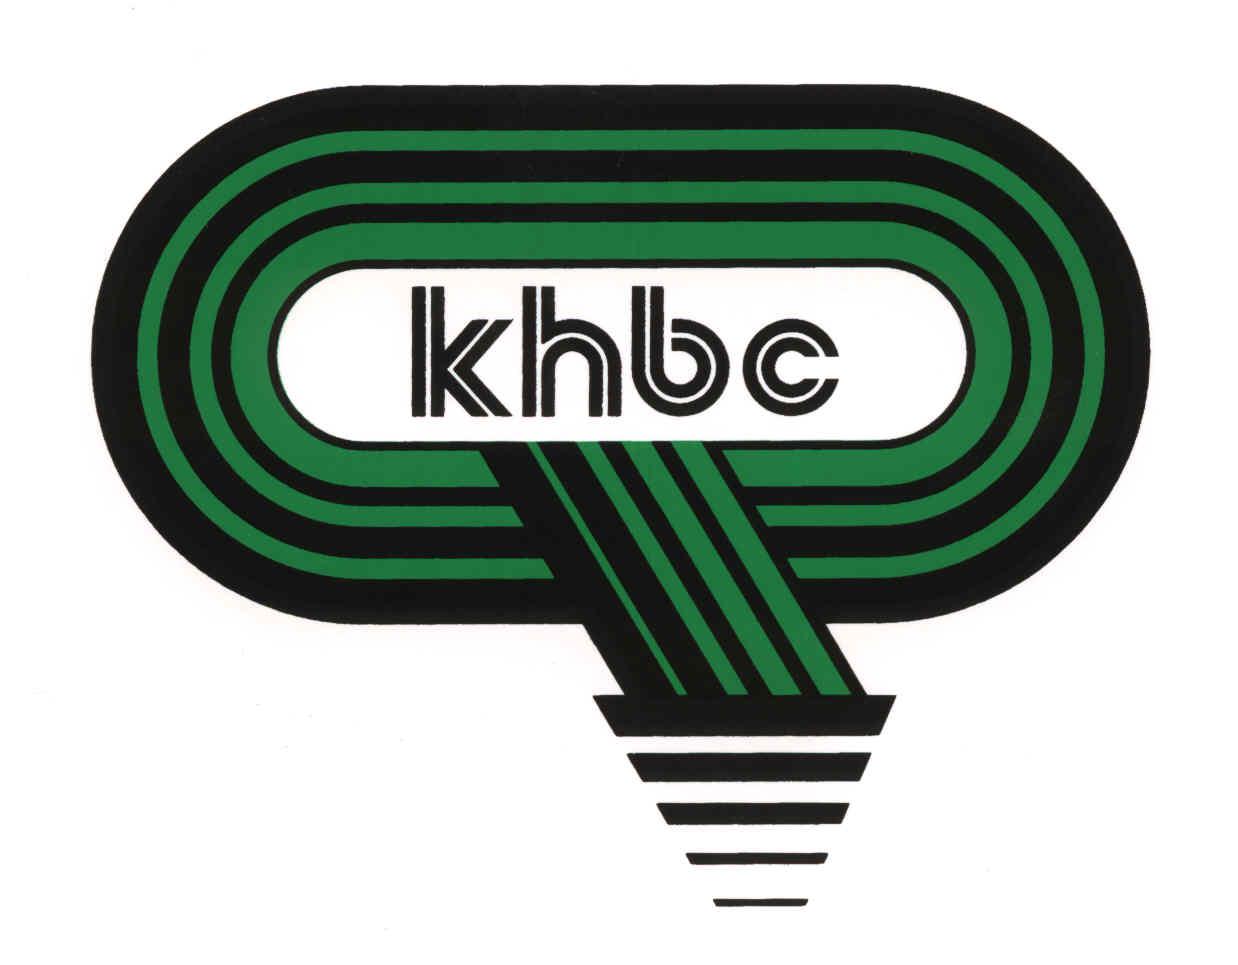 LOGO KHBC